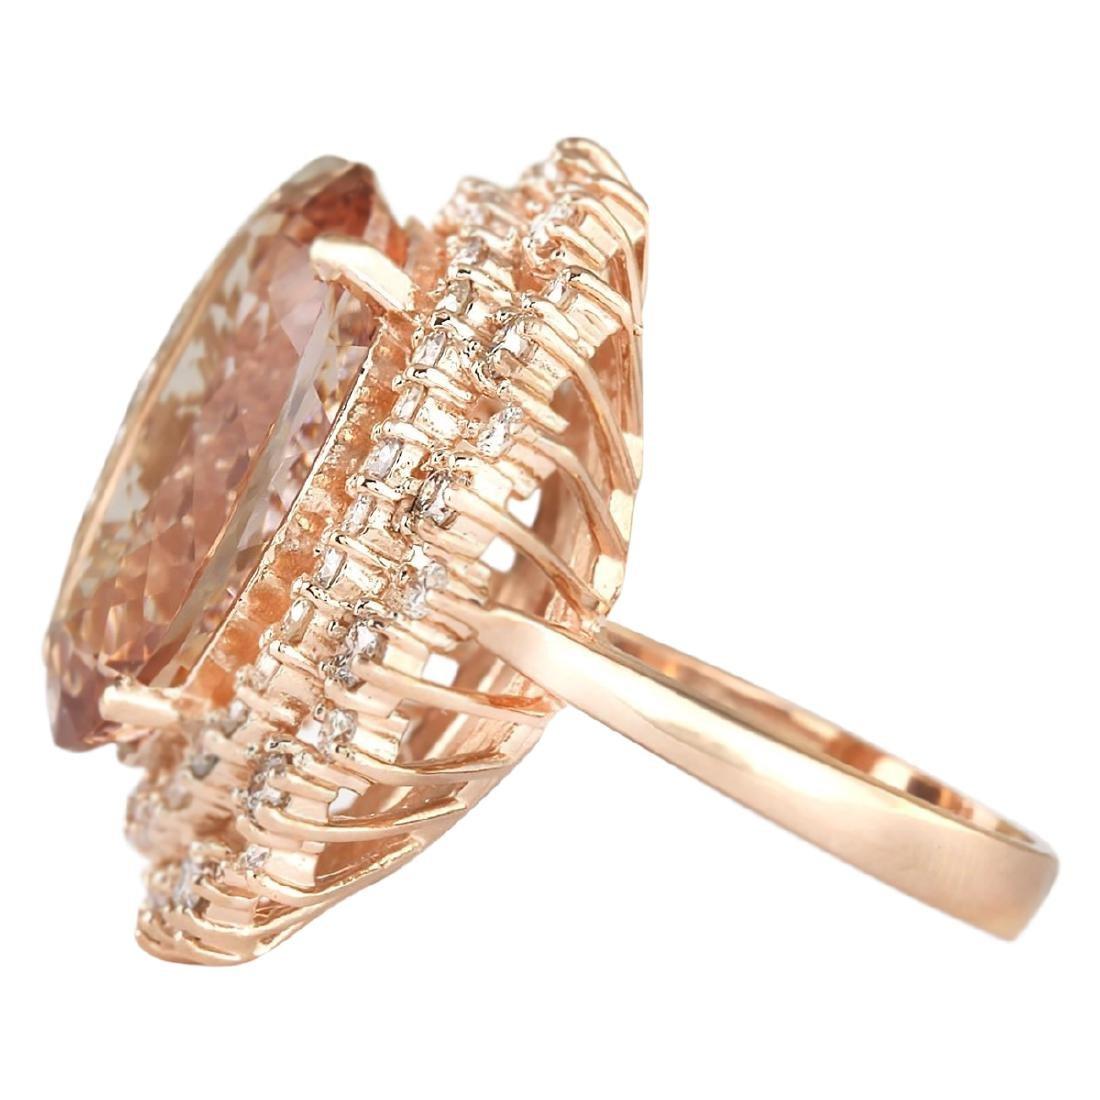 15.56 CTW Natural Morganite And Diamond Ring In 18K - 2